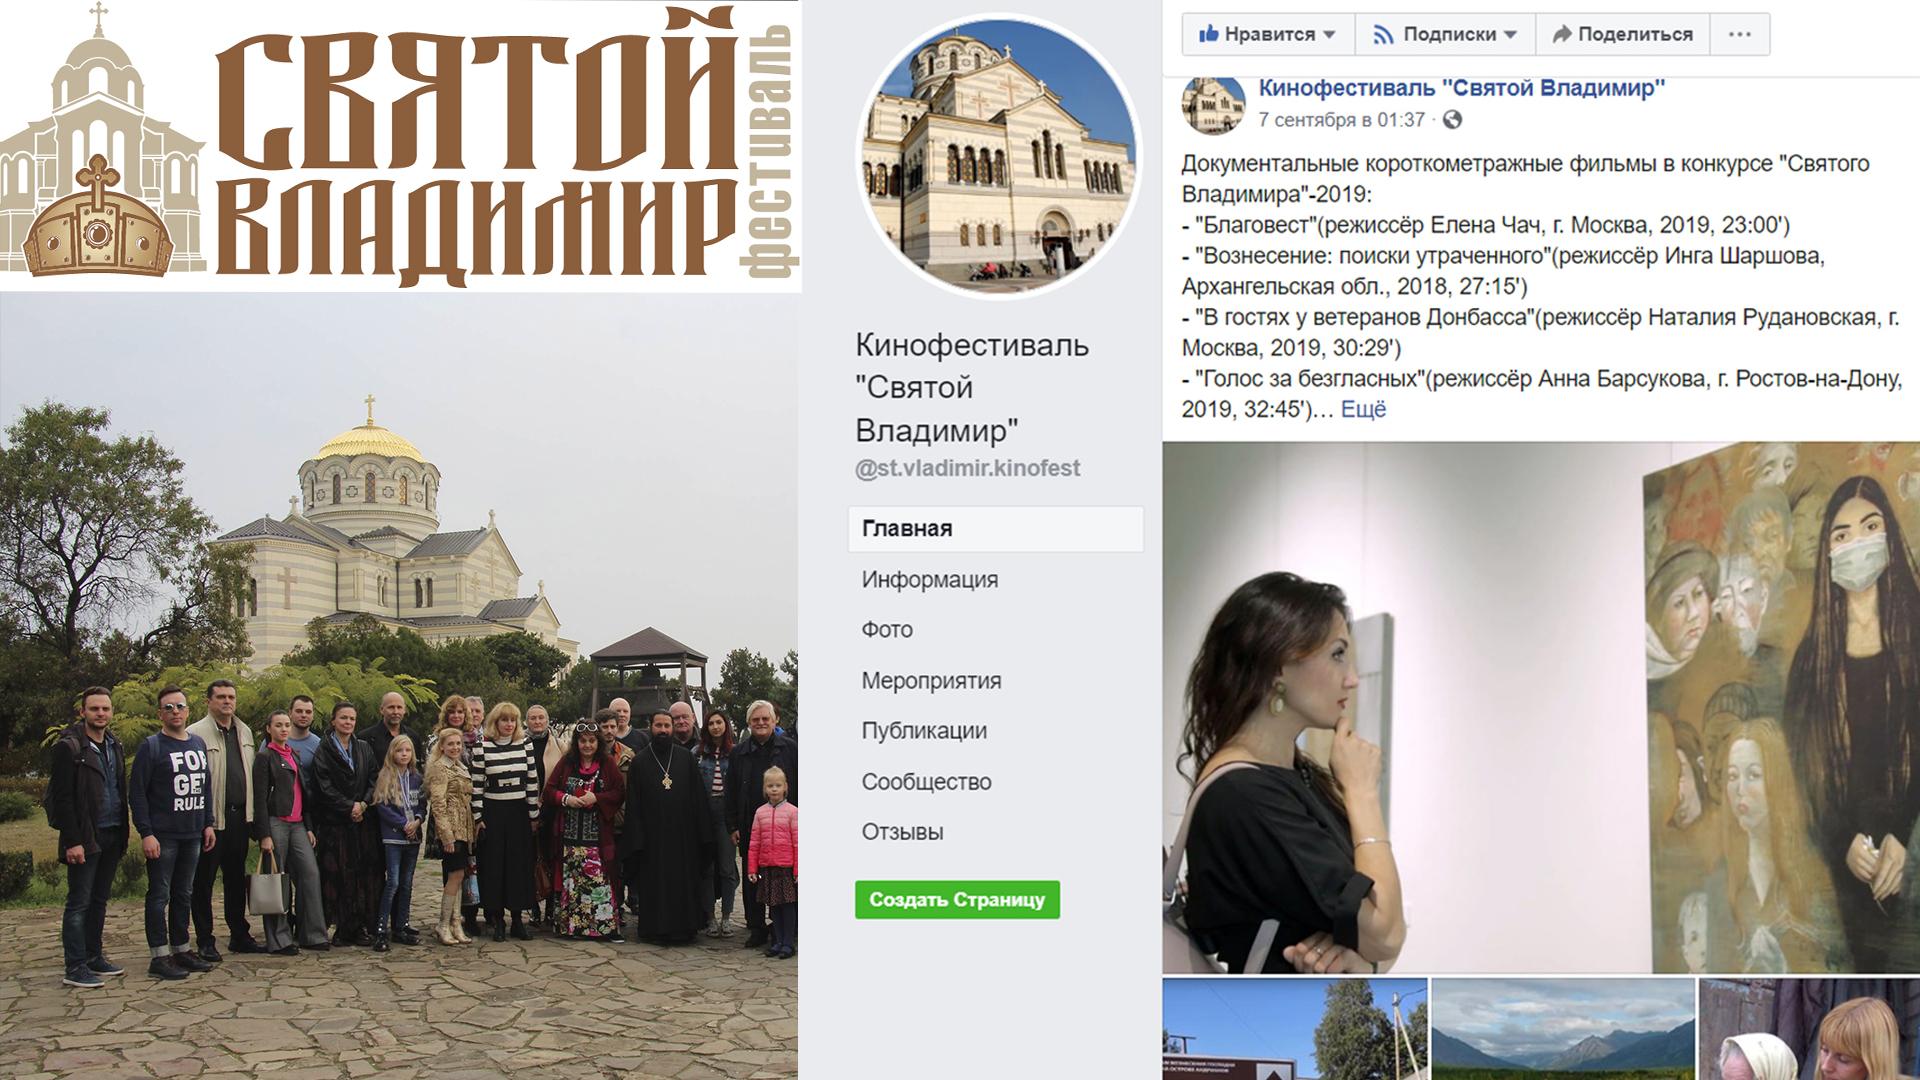 «Голос за безгласных» стал участником фестиваля «Святой Владимир»